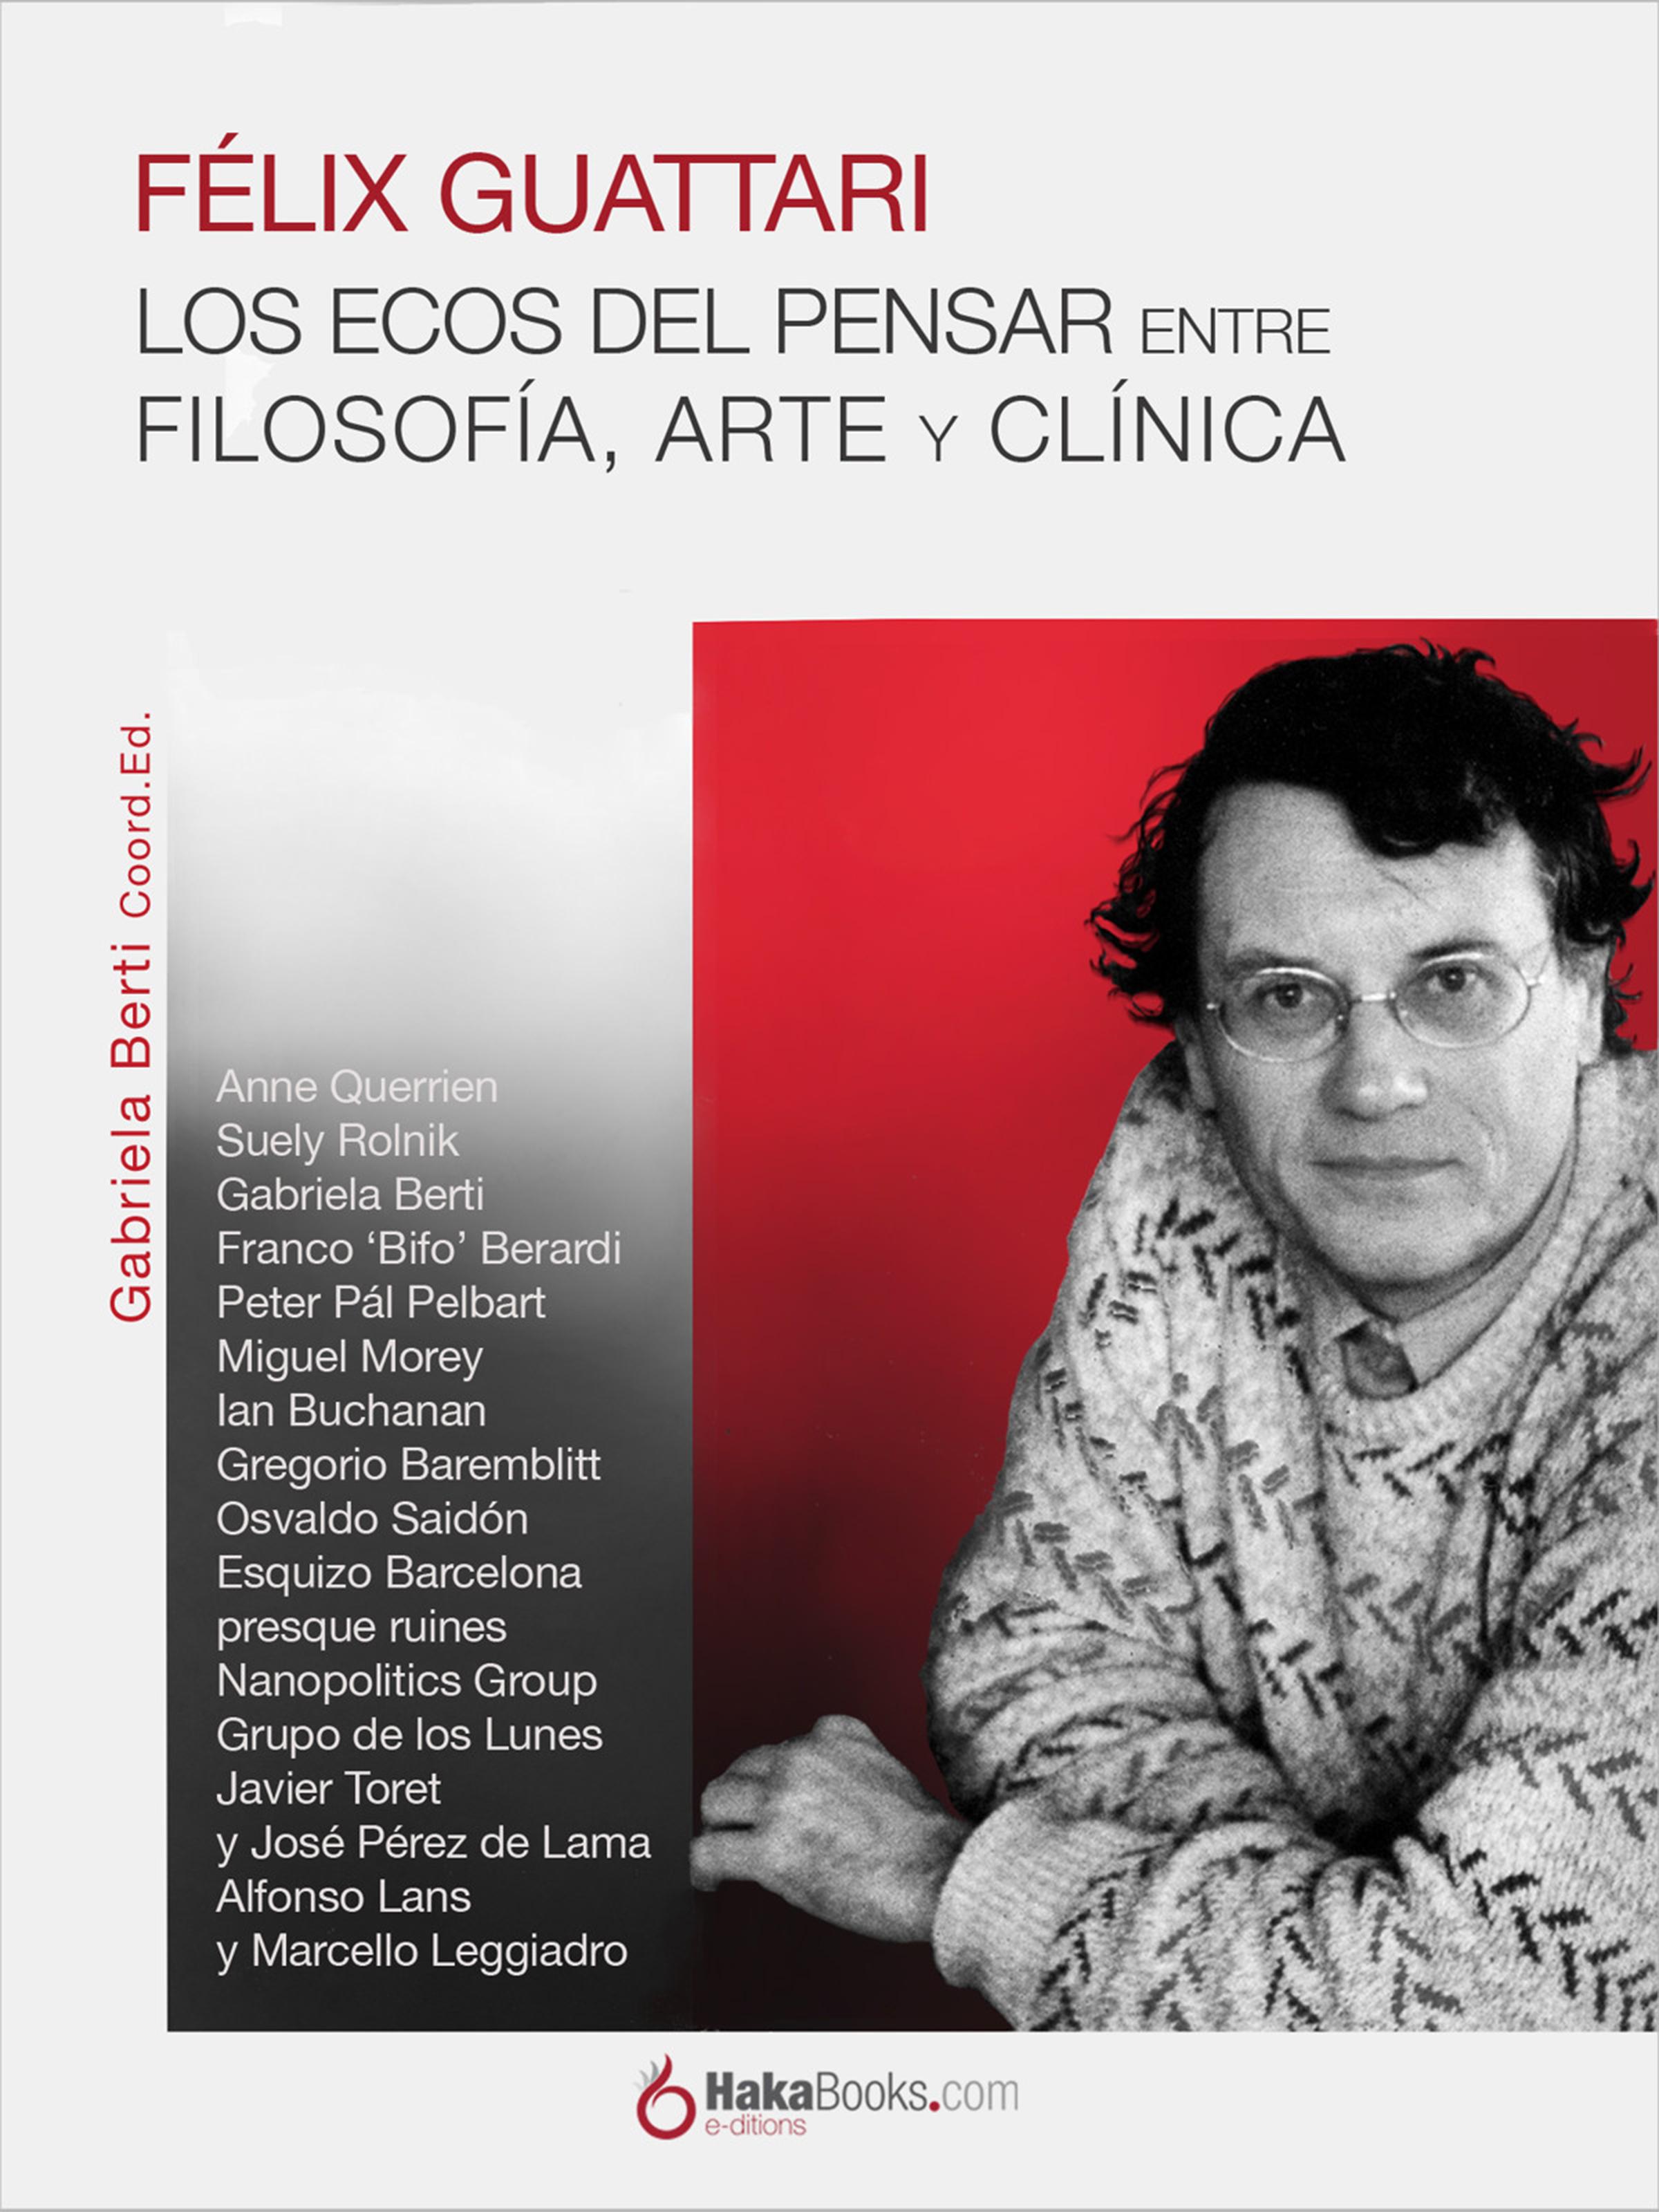 Gabriela Berti Félix Guattari. Los ecos del pensar все цены